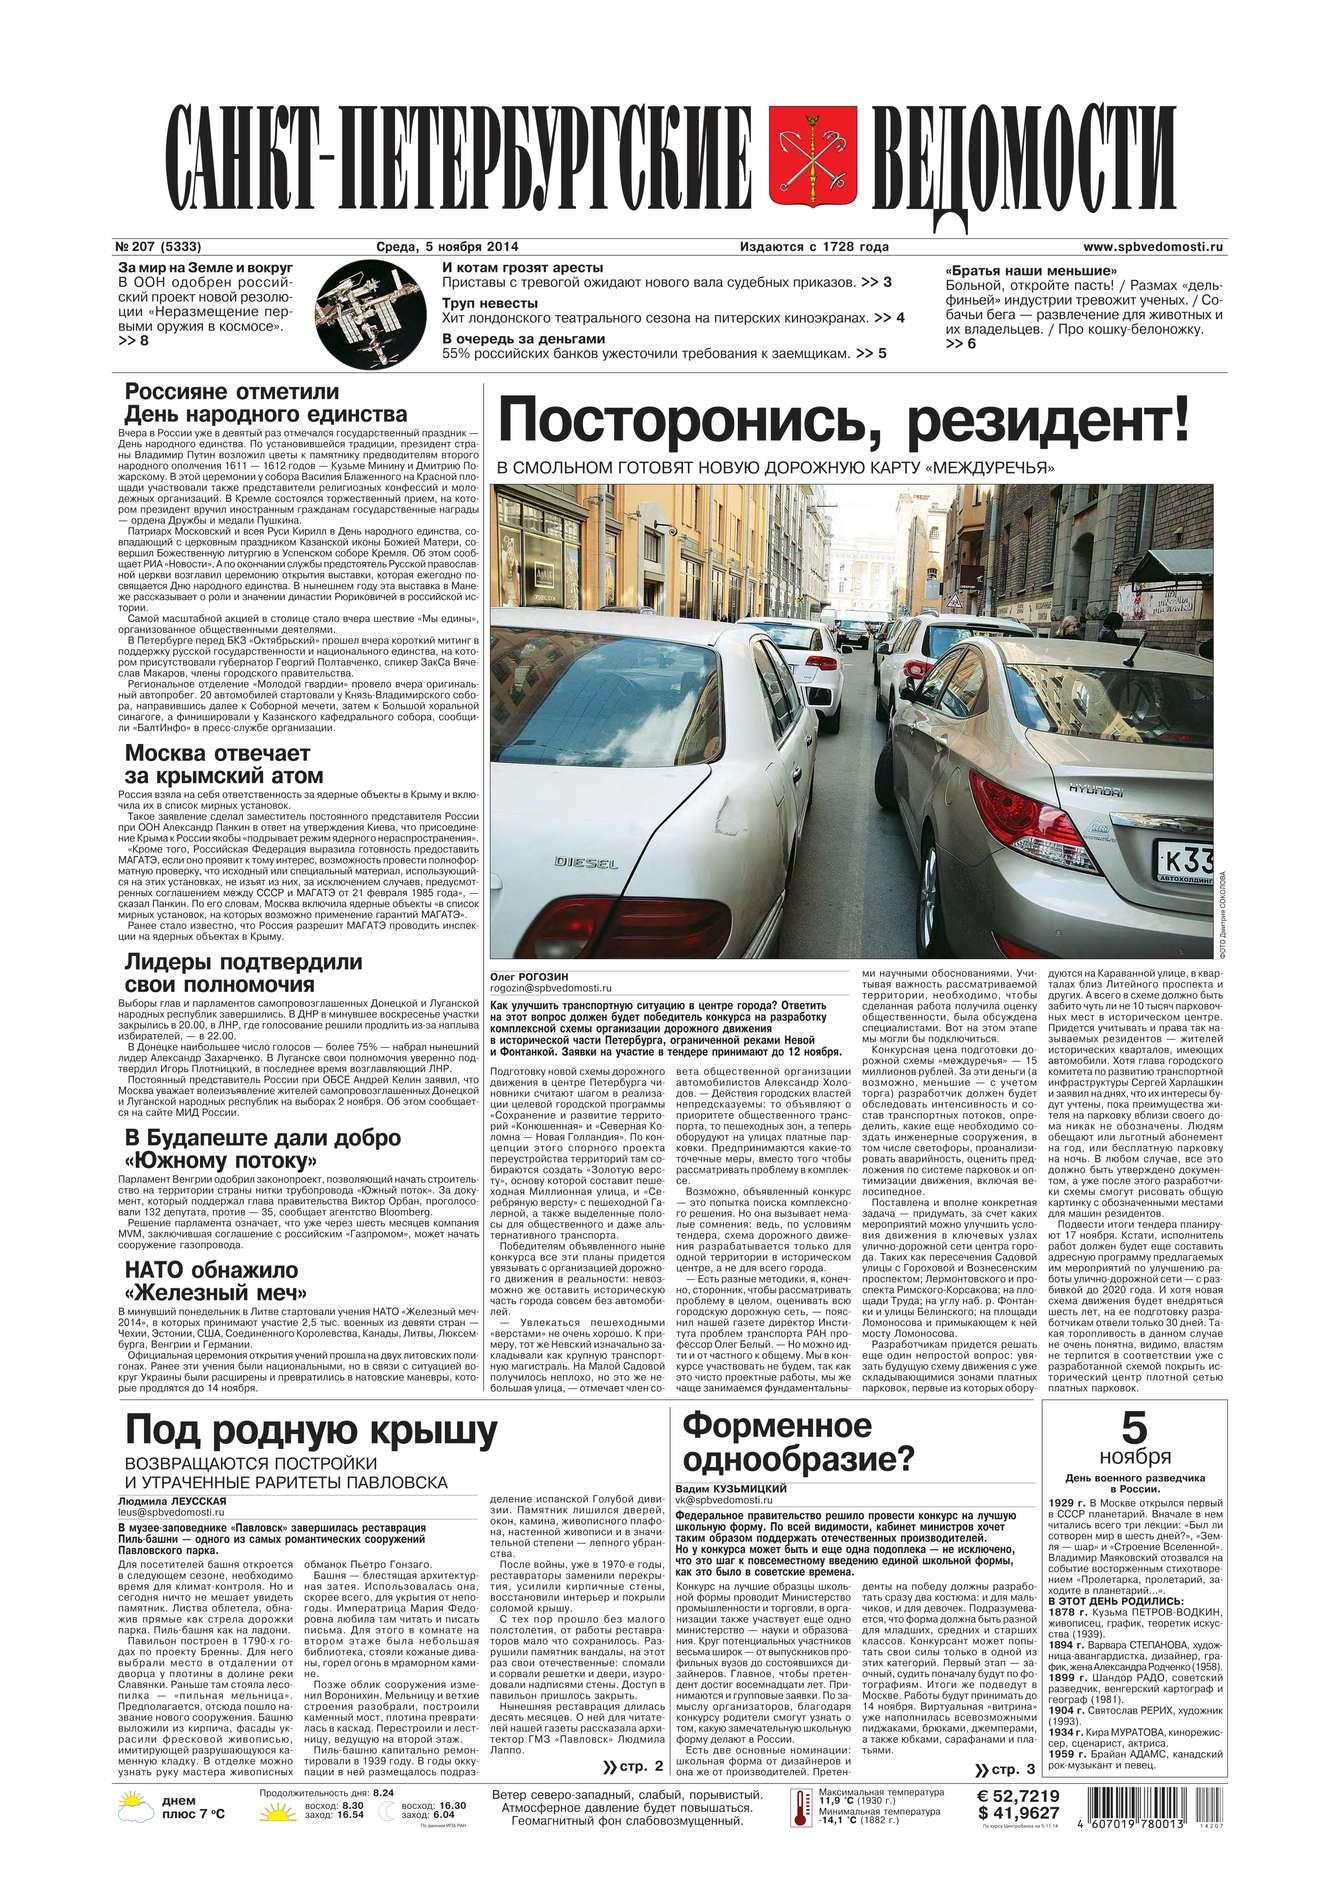 Санкт-Петербургские ведомости 207-2014